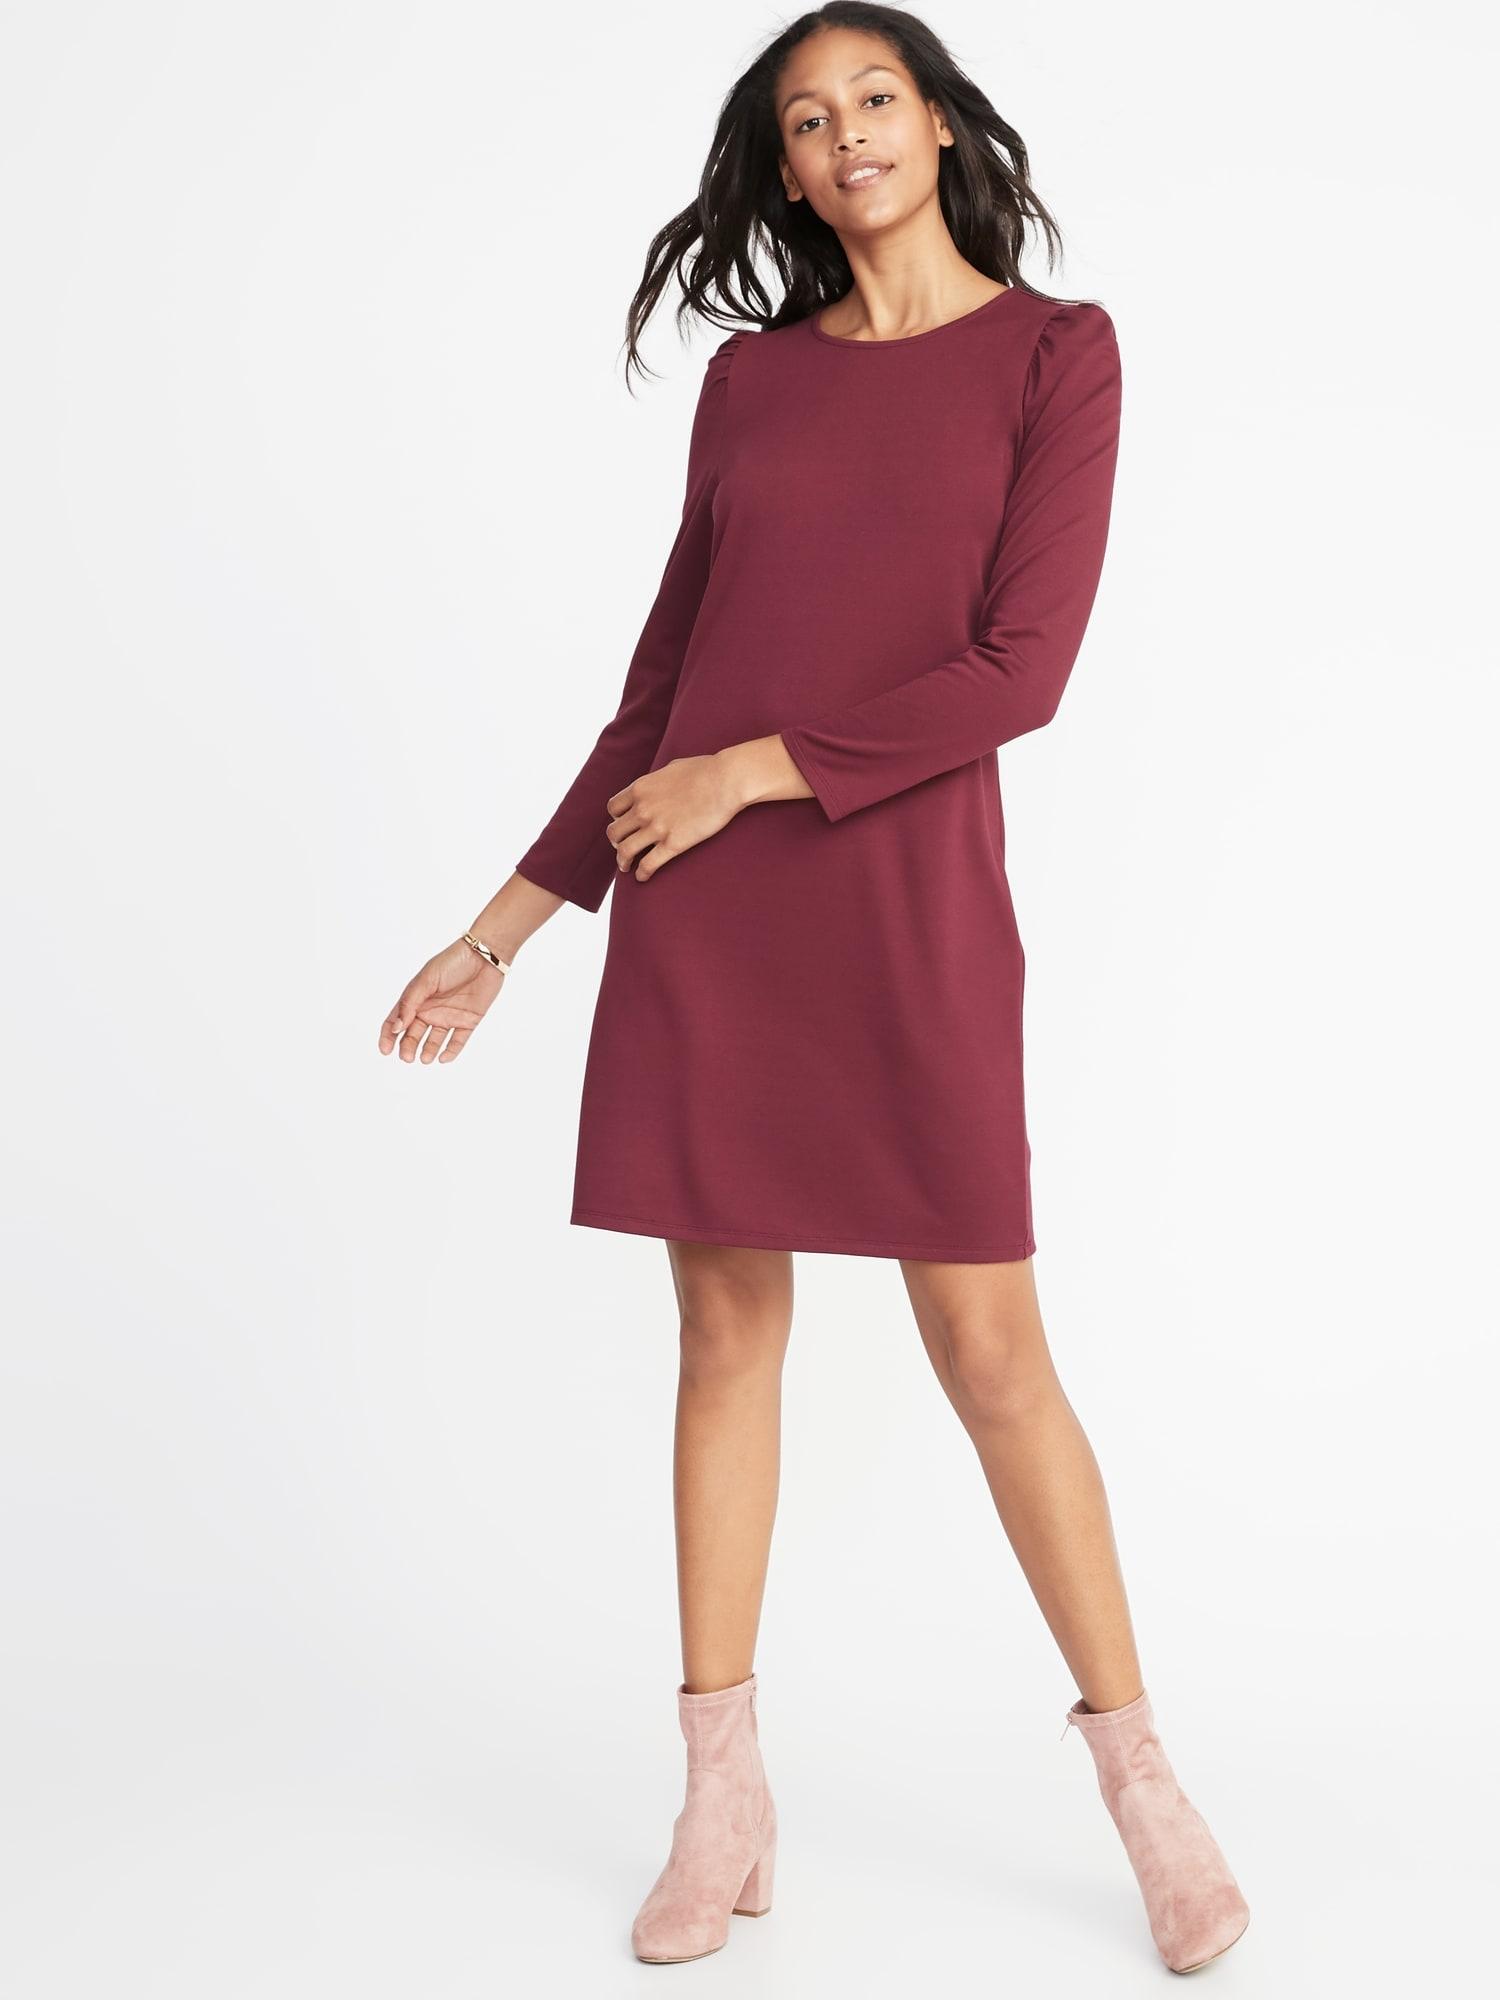 3cc49c765d89 Ponte-Knit Shift Dress for Women